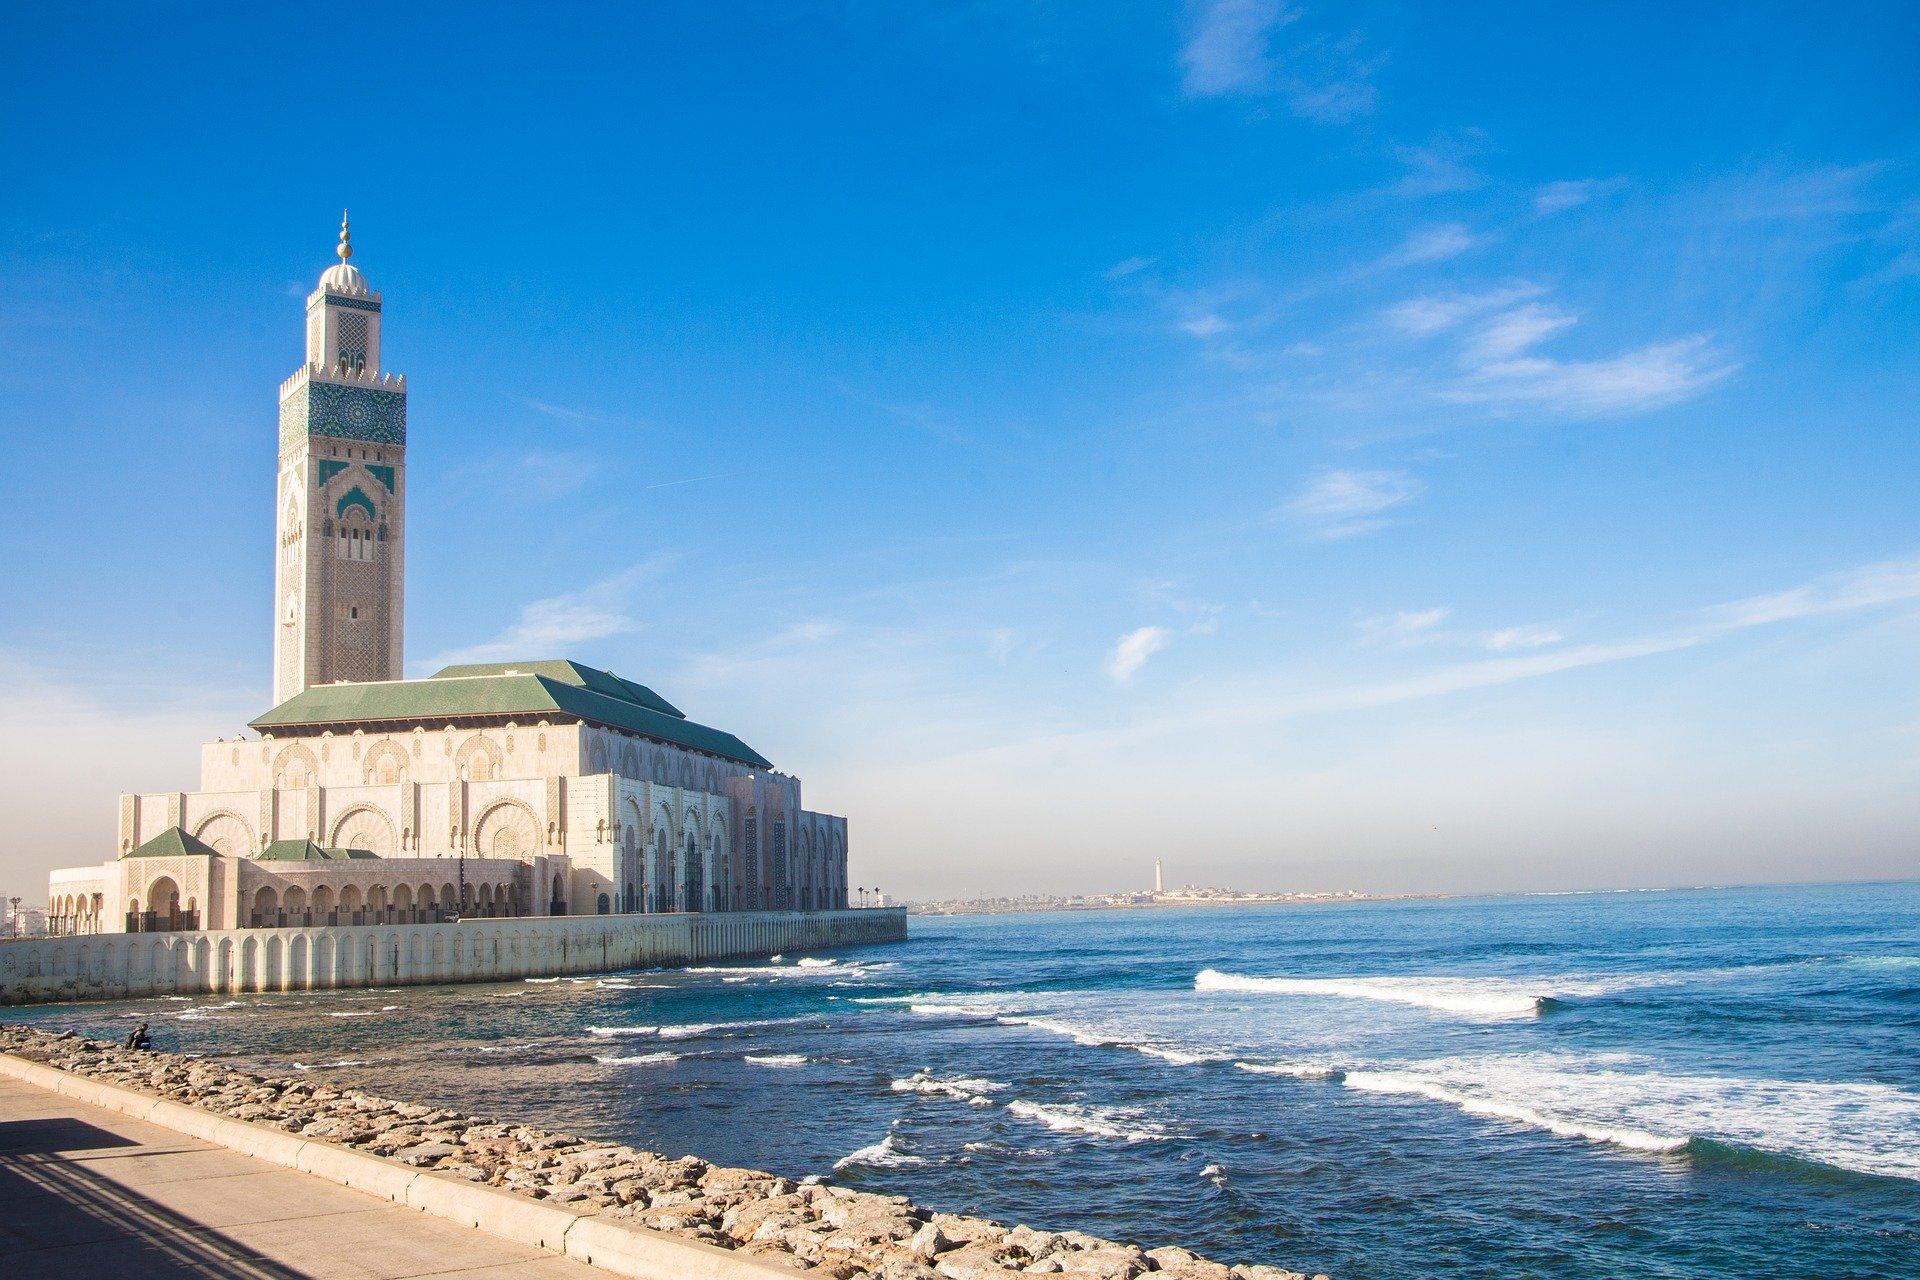 Rundreise durch Marokko: Empfehlungen & Vergleich (09/20)